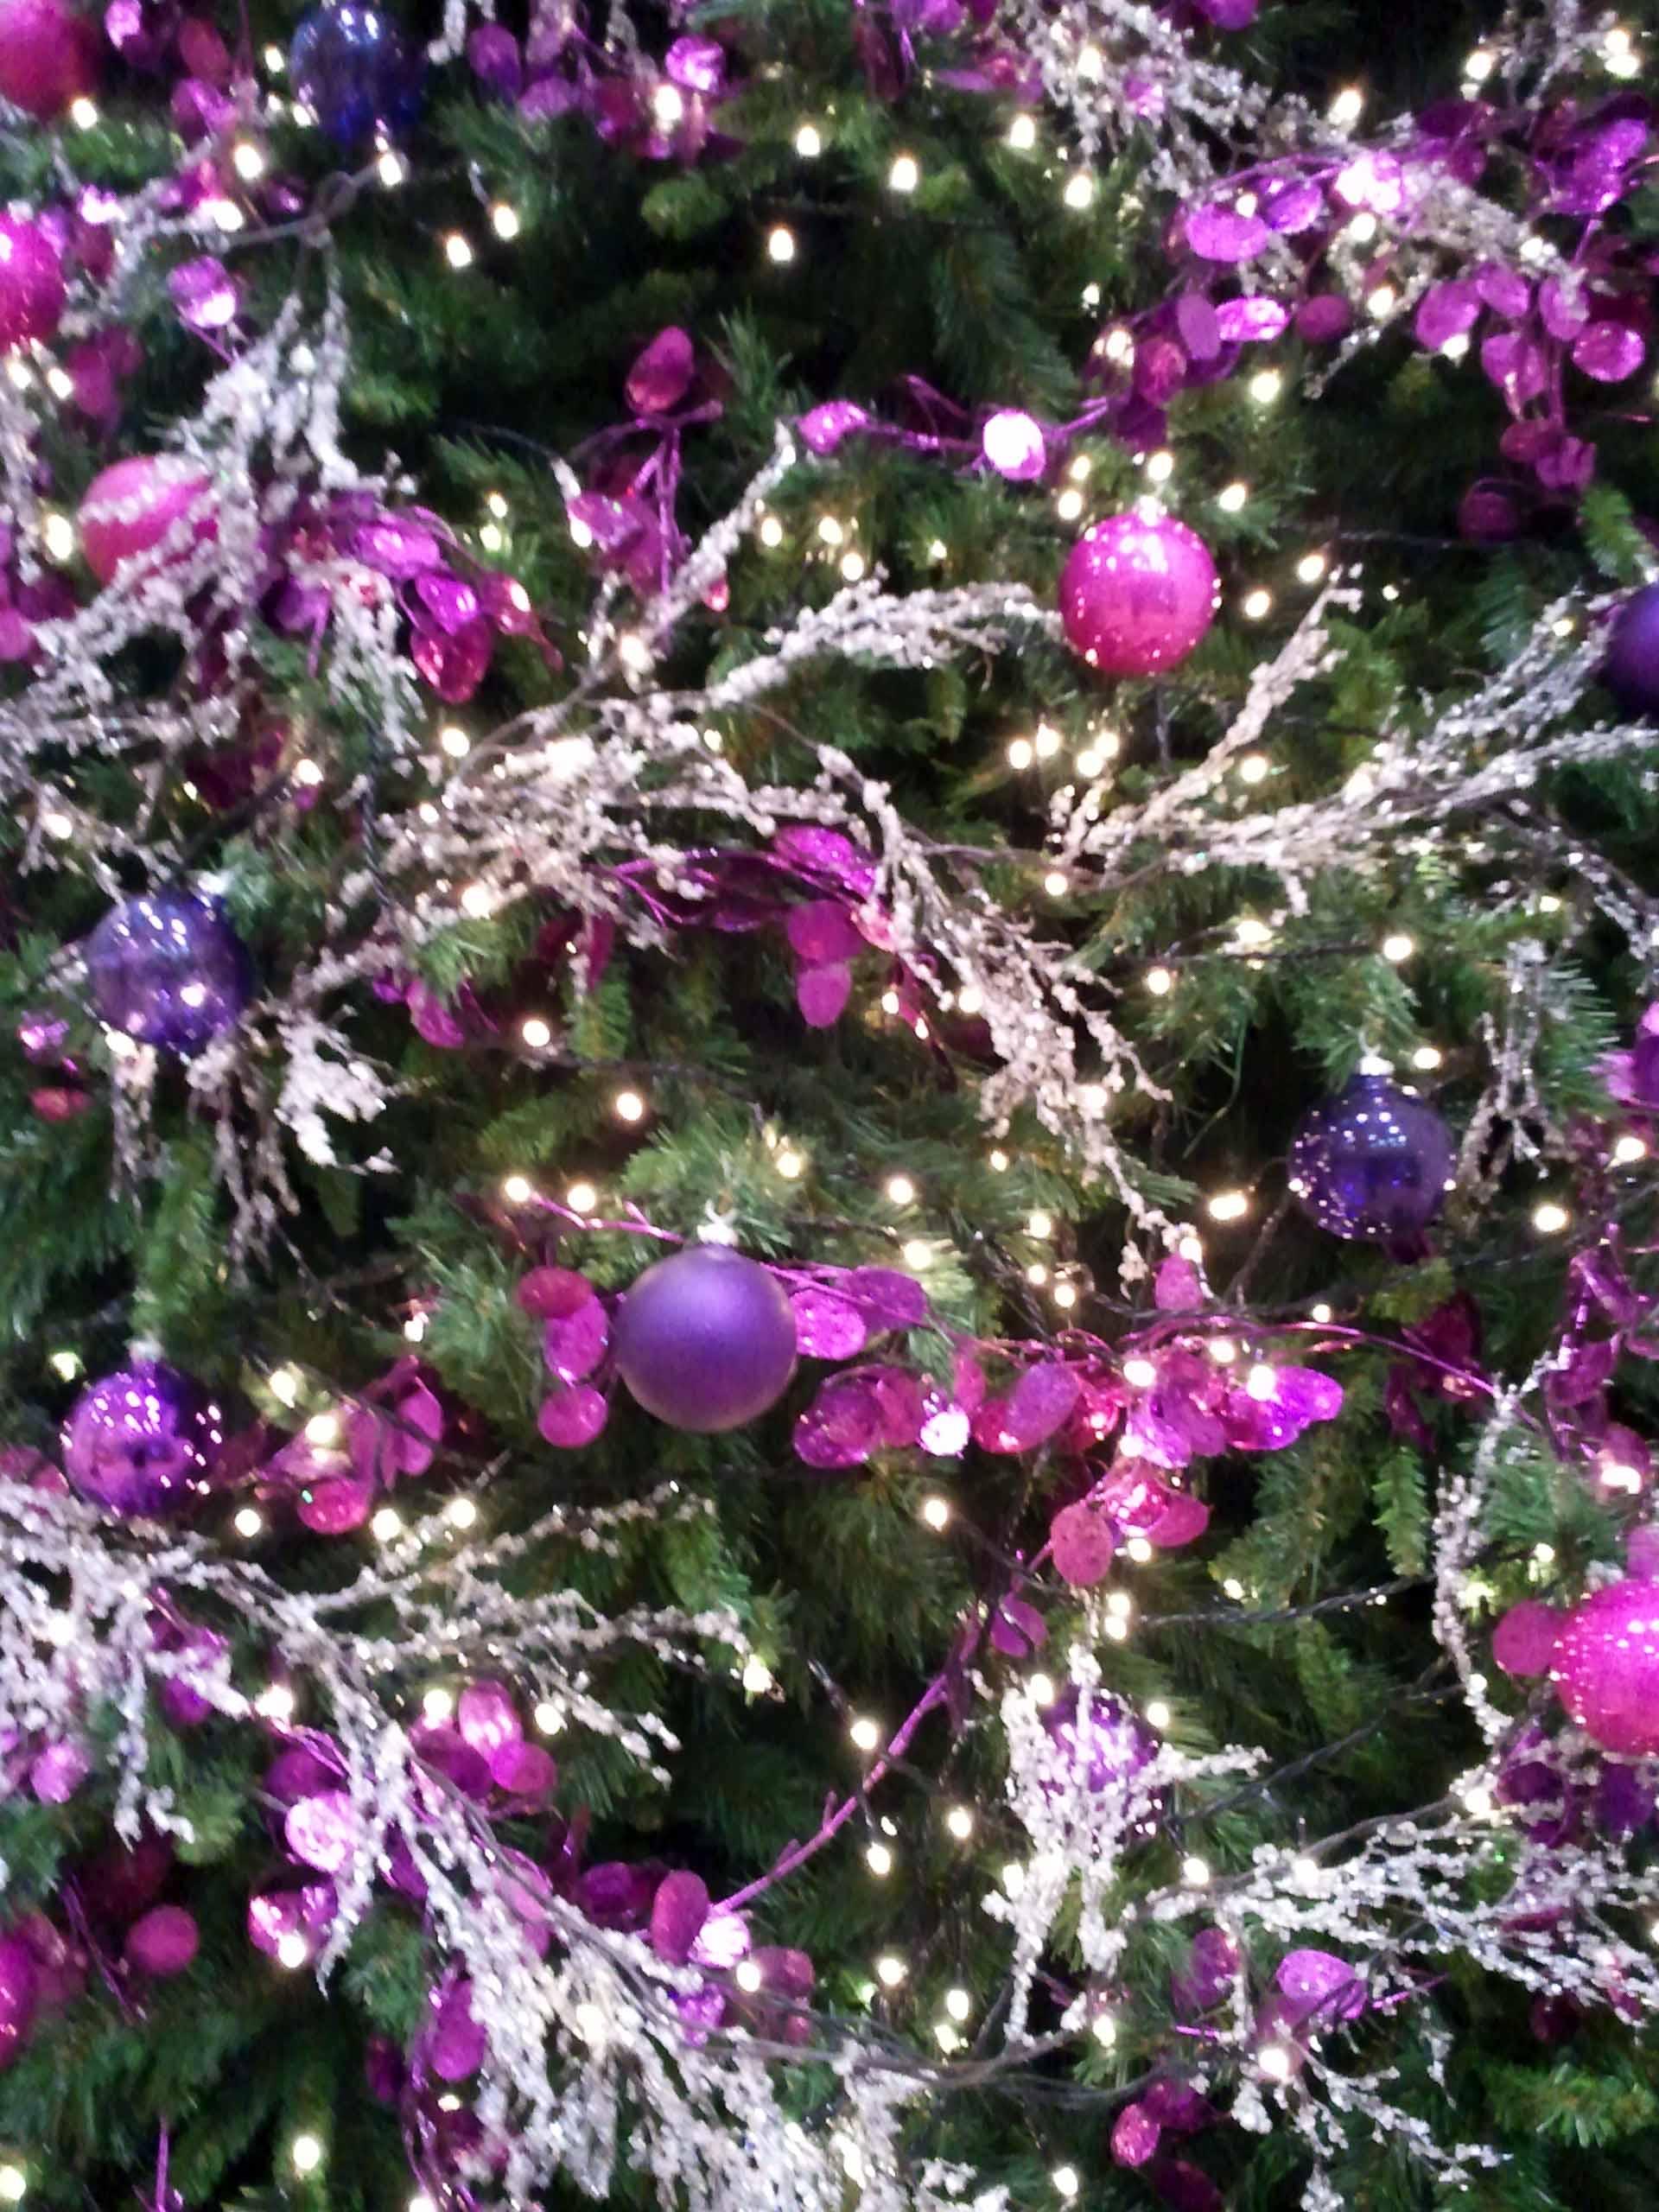 Arbol navidad colores en este post pretendemos dar - Arbol navidad colores ...